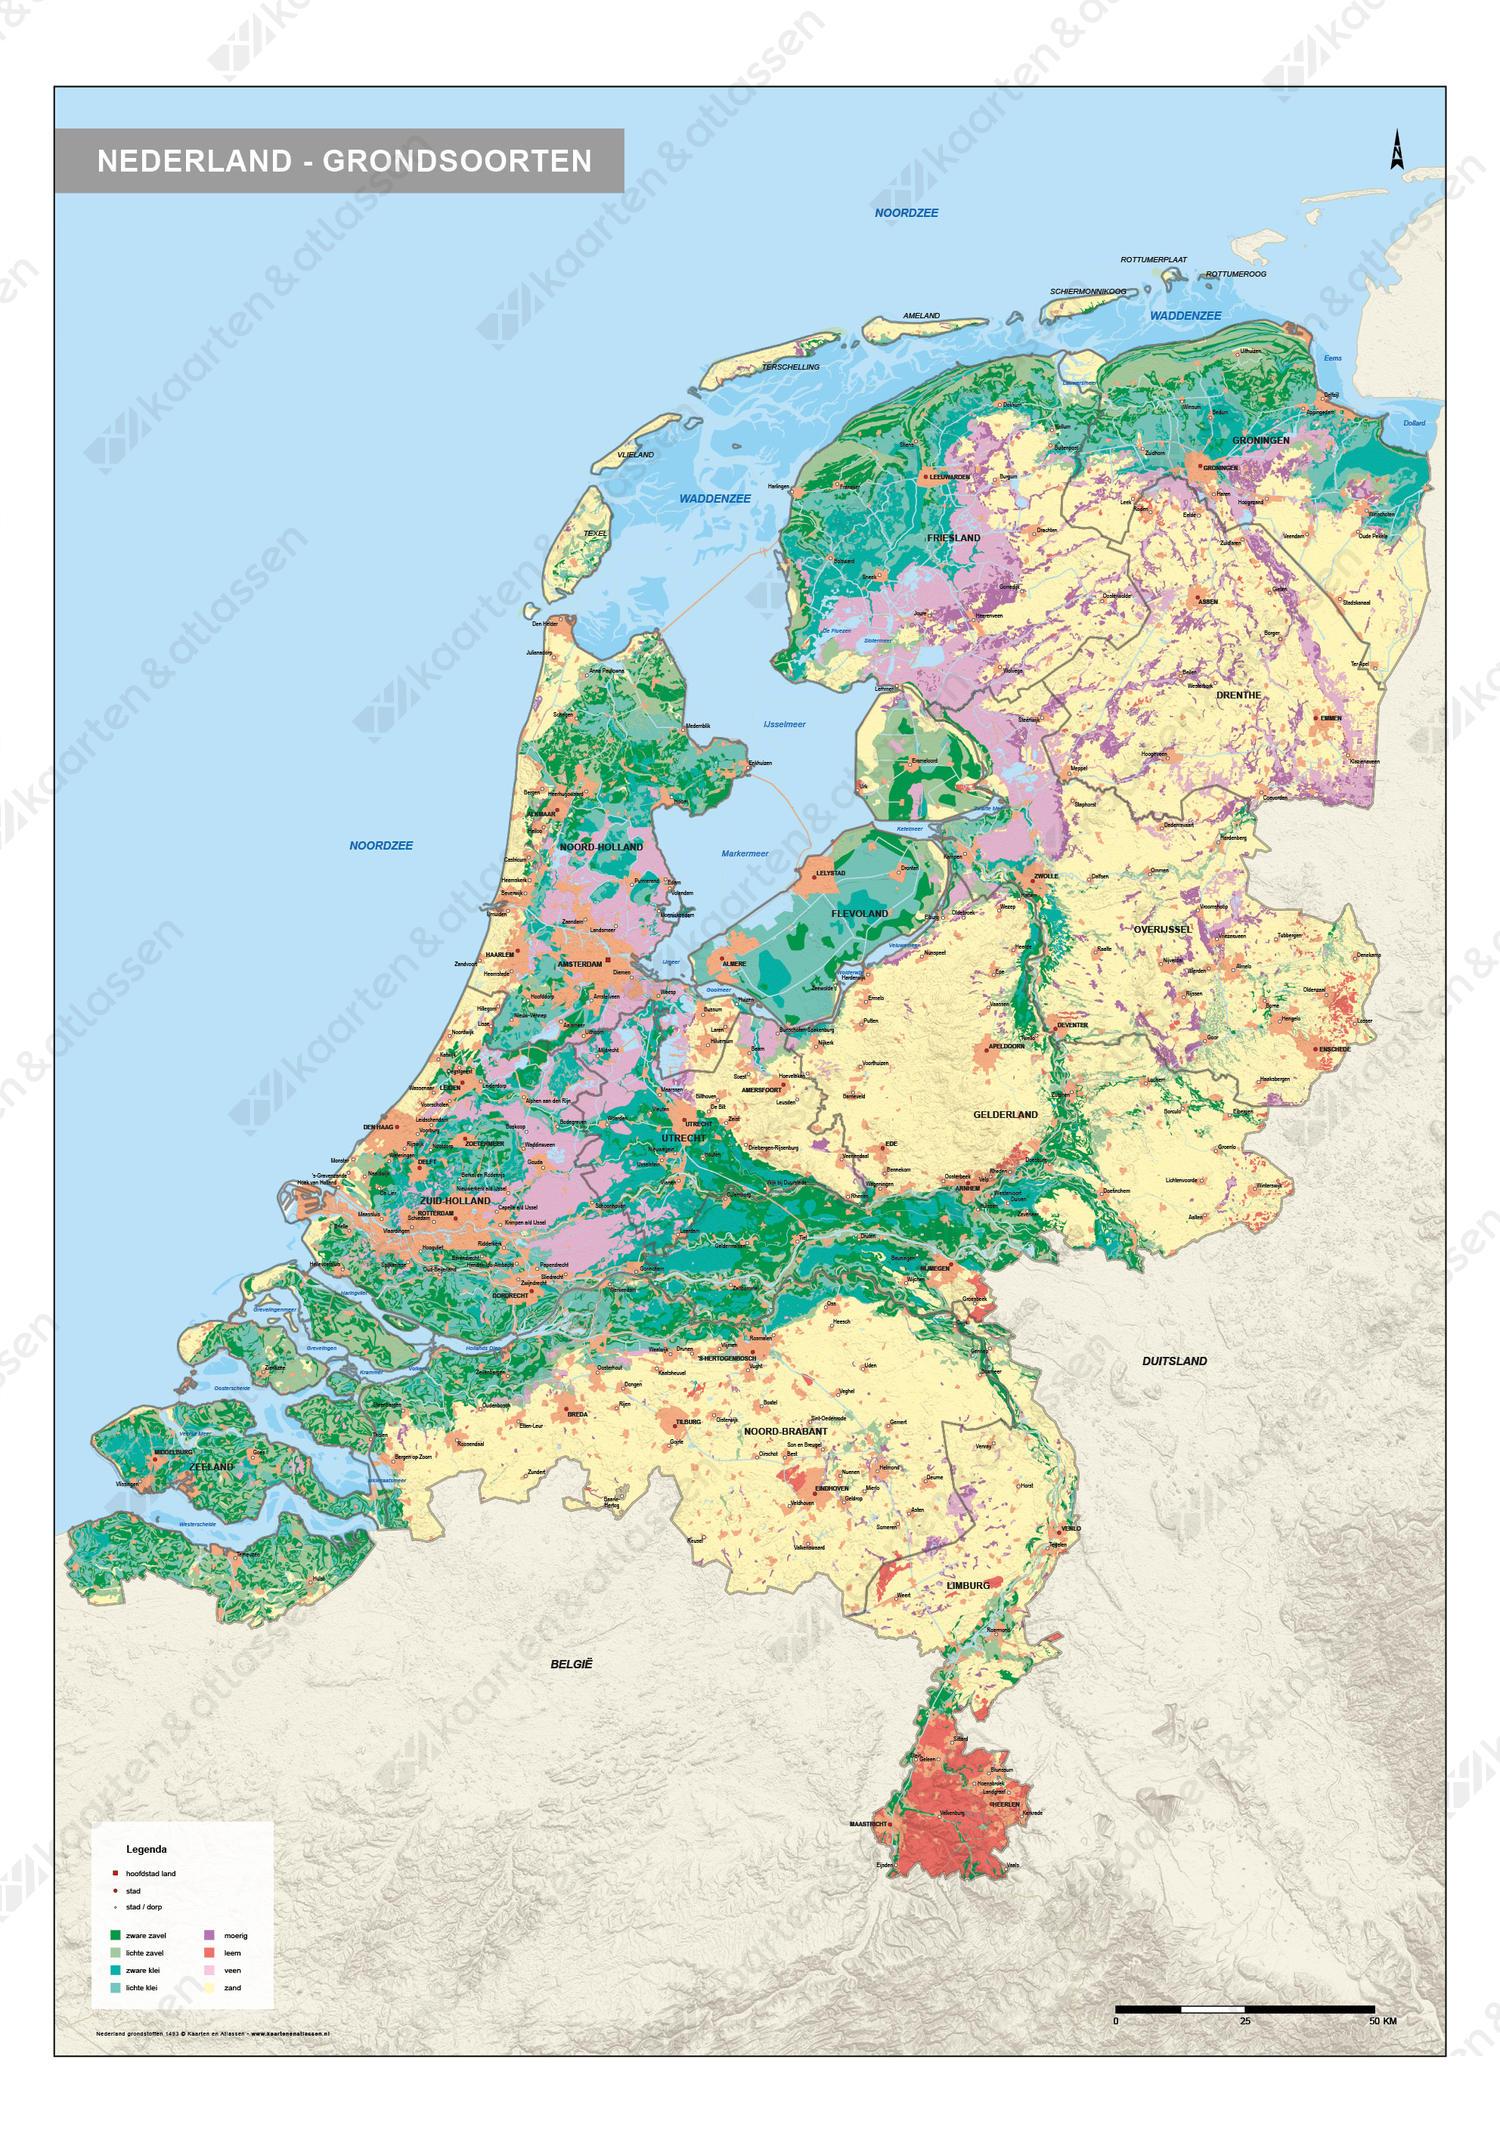 Digitale Grondsoortenkaart Nederland